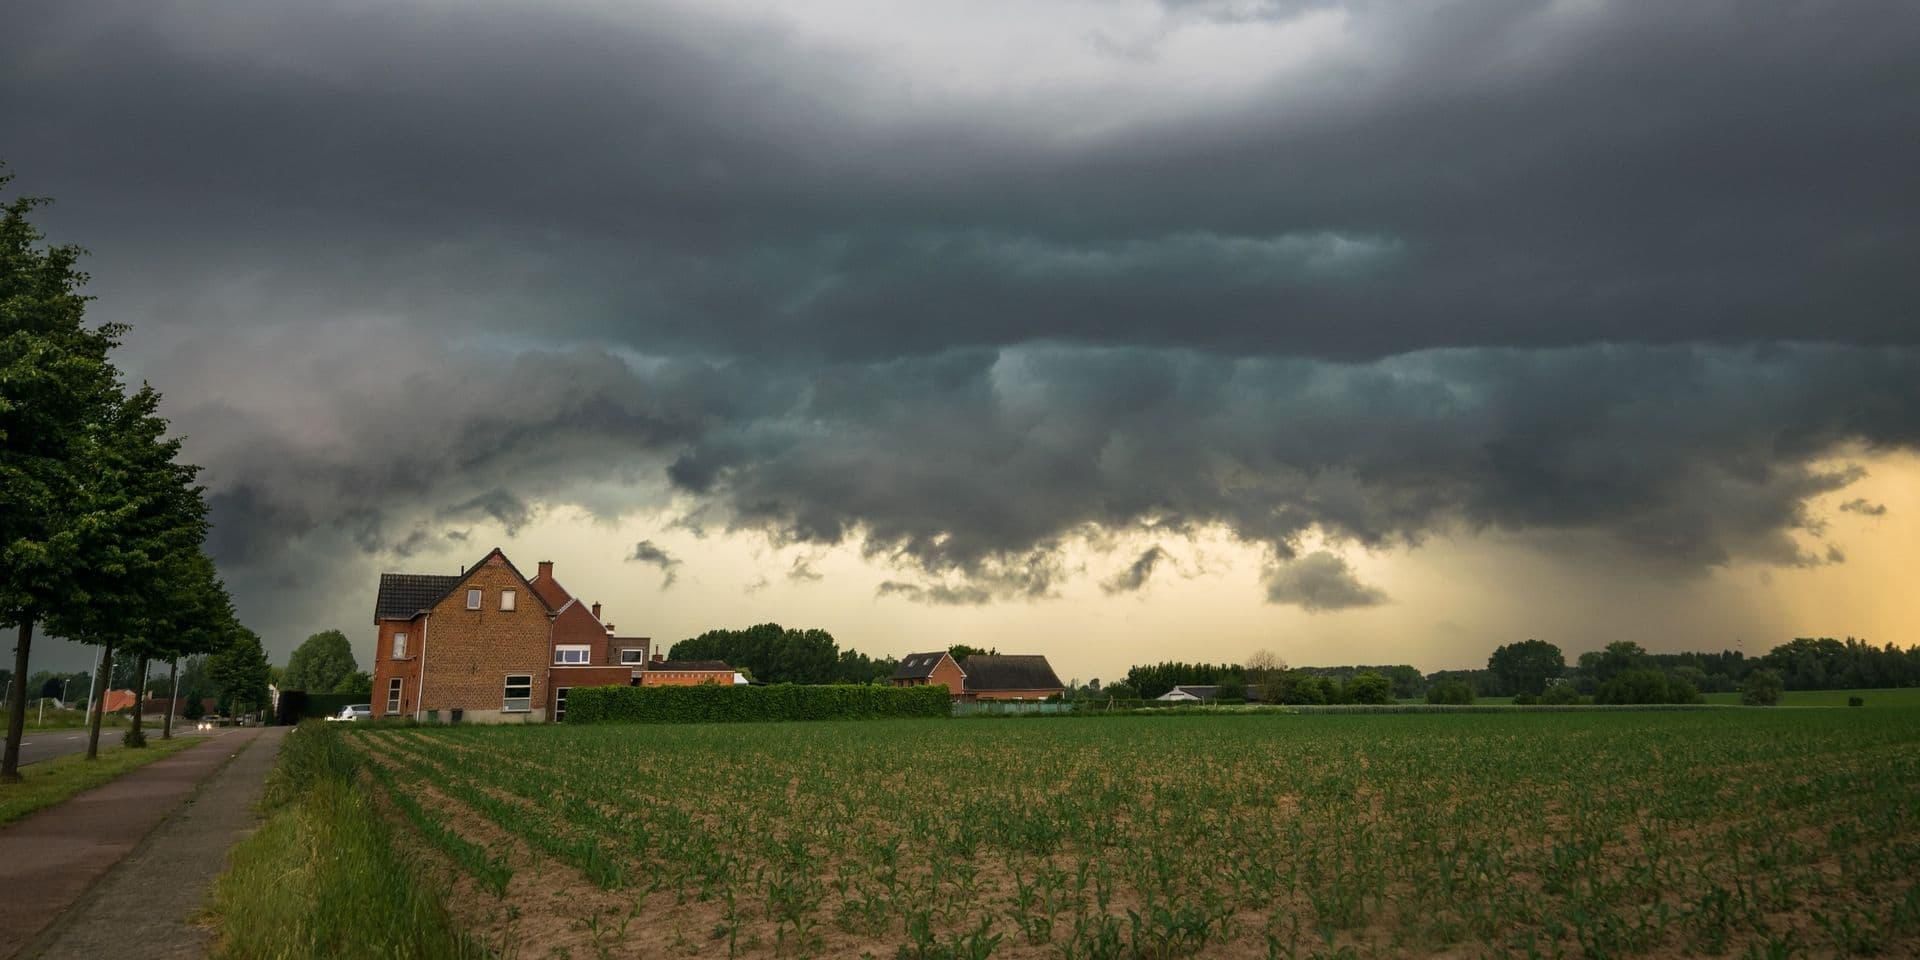 Météo : L'IRM lance un avertissement aux averses orageuses qui pourraient s'accompagner de grêle